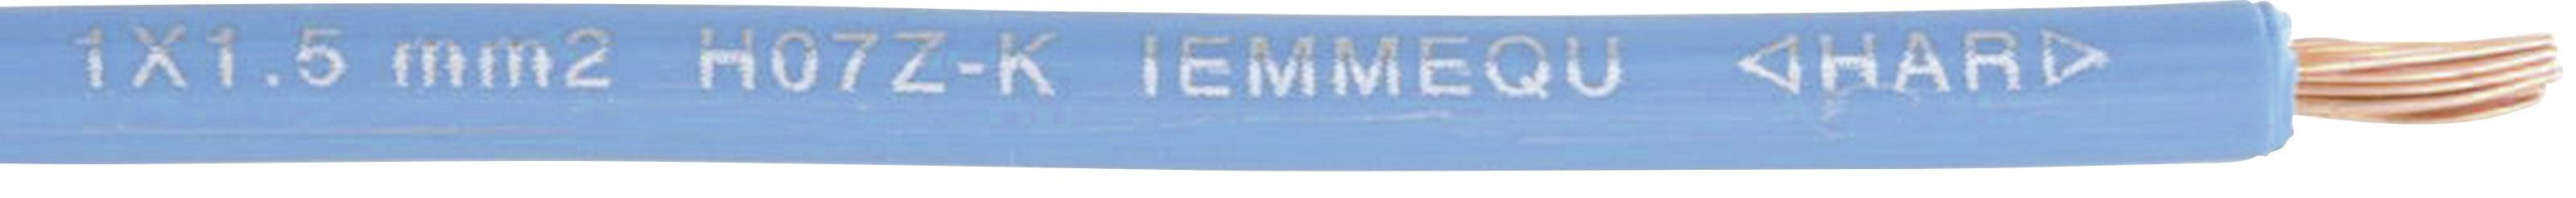 Opletenie / lanko Faber Kabel 040268 H07Z-K, 1 x 2.50 mm², vonkajší Ø 3.80 mm, 100 m, čierna